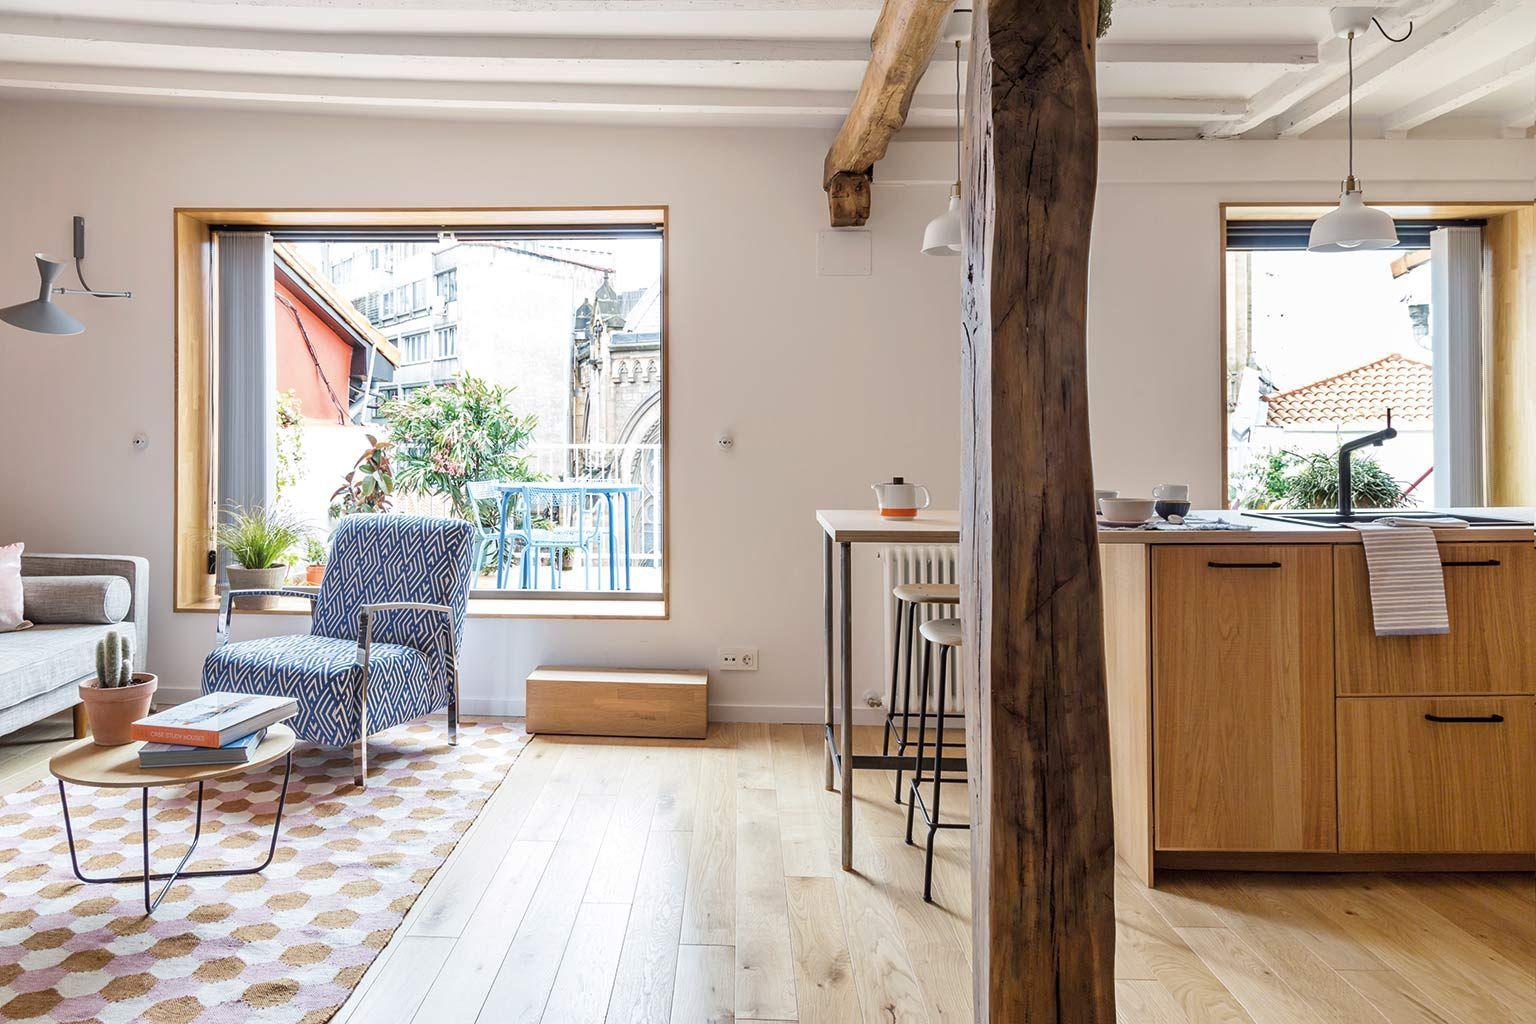 Salón y cocina integrados